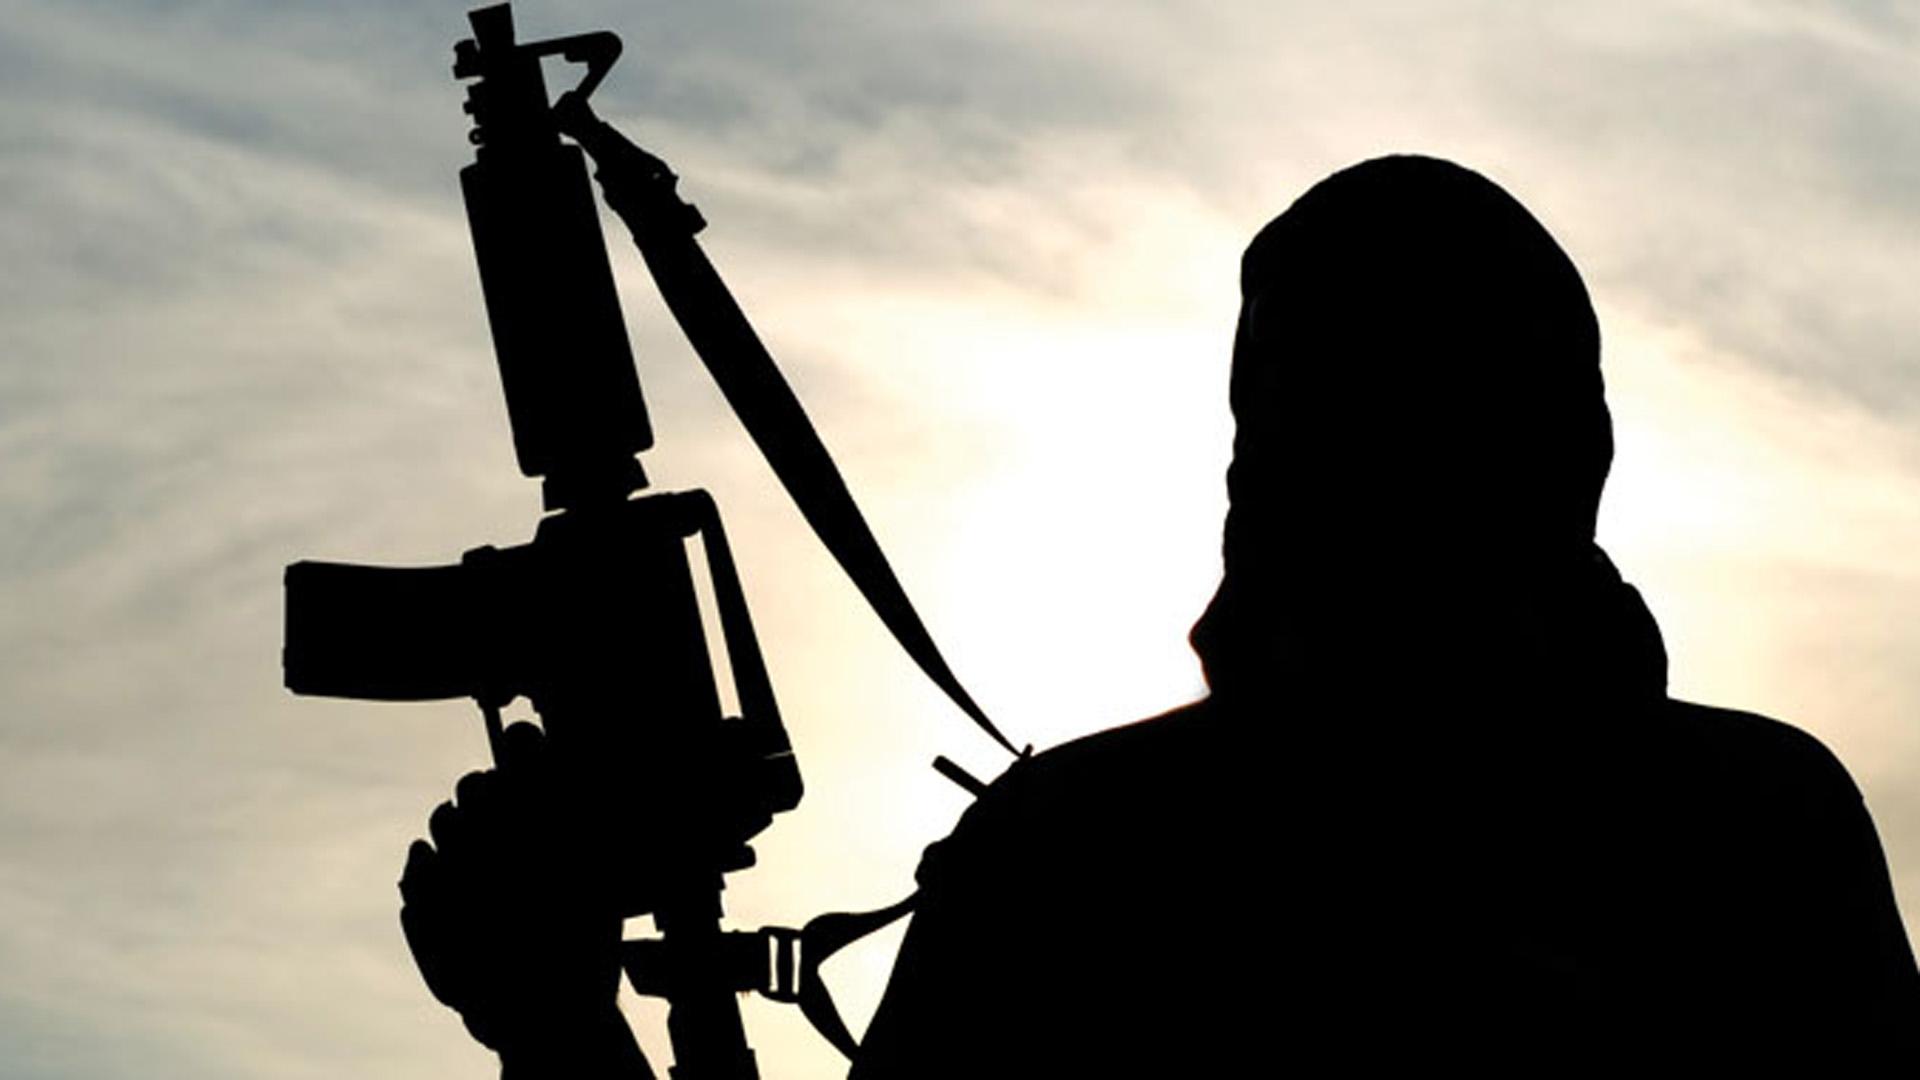 Nach Überzeugung der Regierung Sri Lankas haben radikale Islamisten (Symbolbild) die Selbstmordattentate begangen